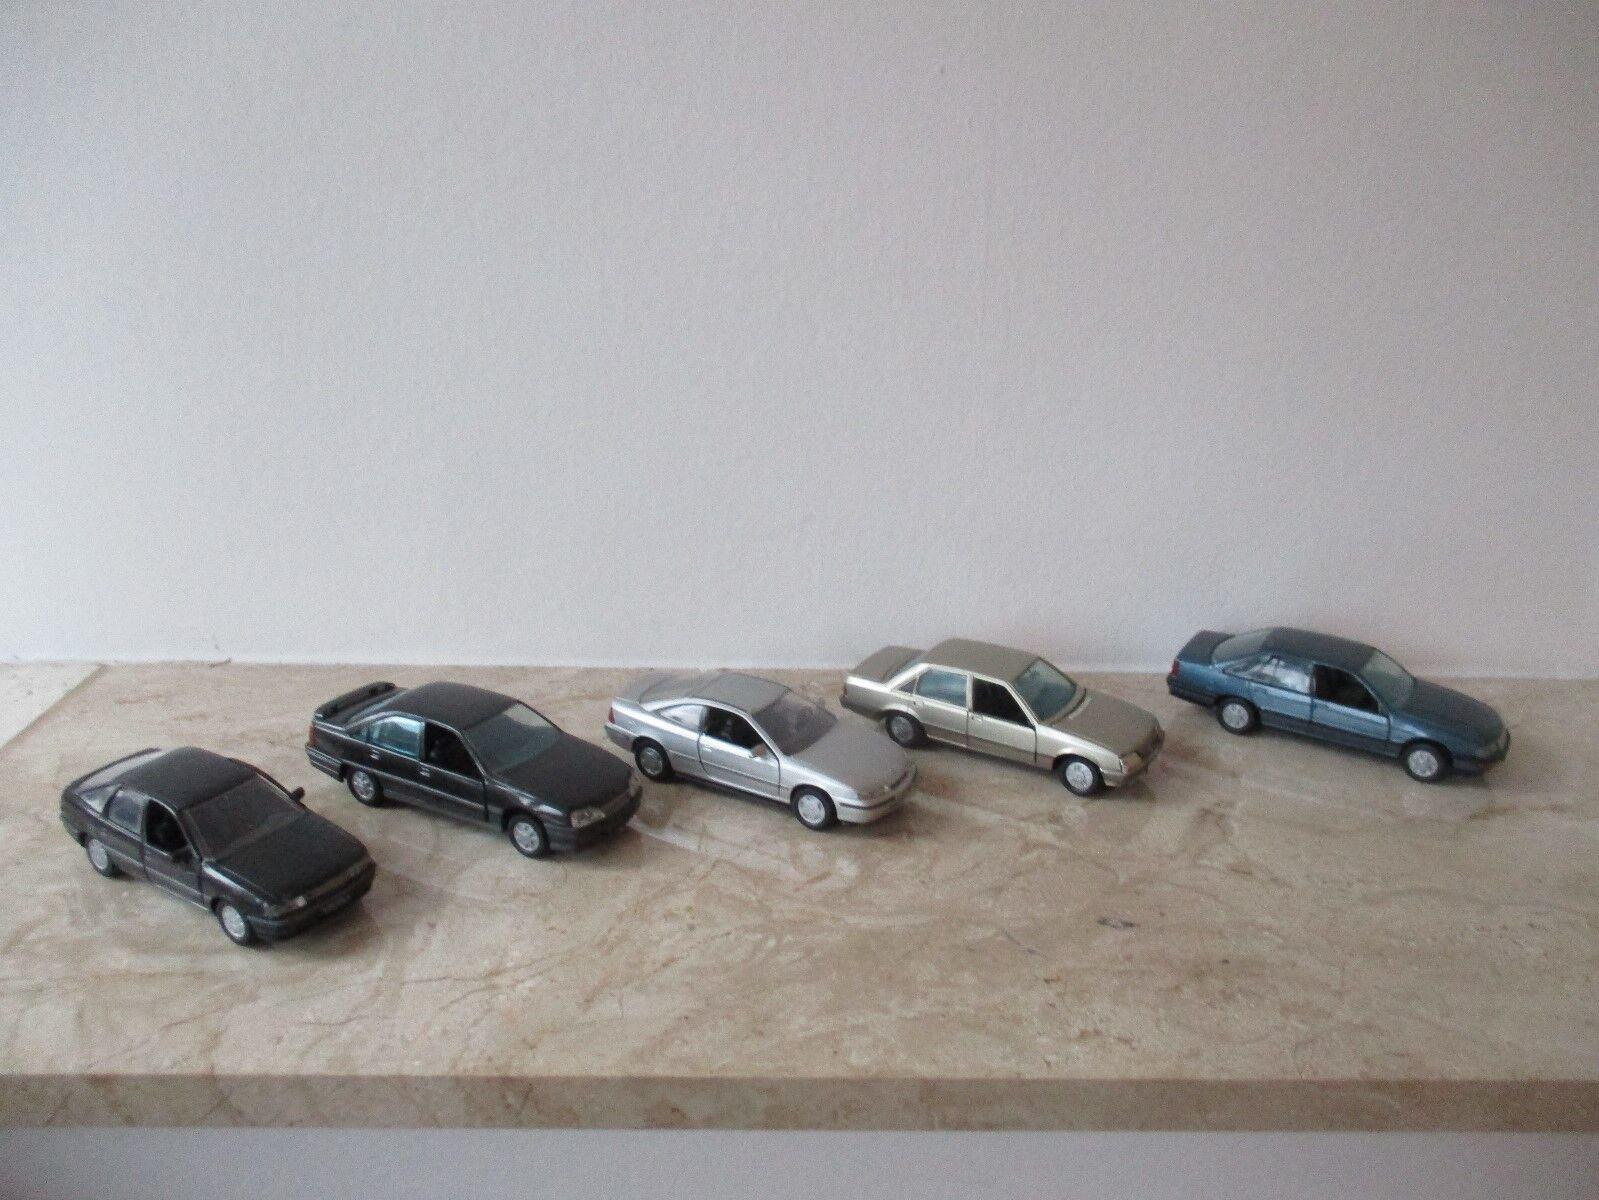 5 x voiture miniature GAMA OPEL échelle 1 43 sans neuf dans sa boîte